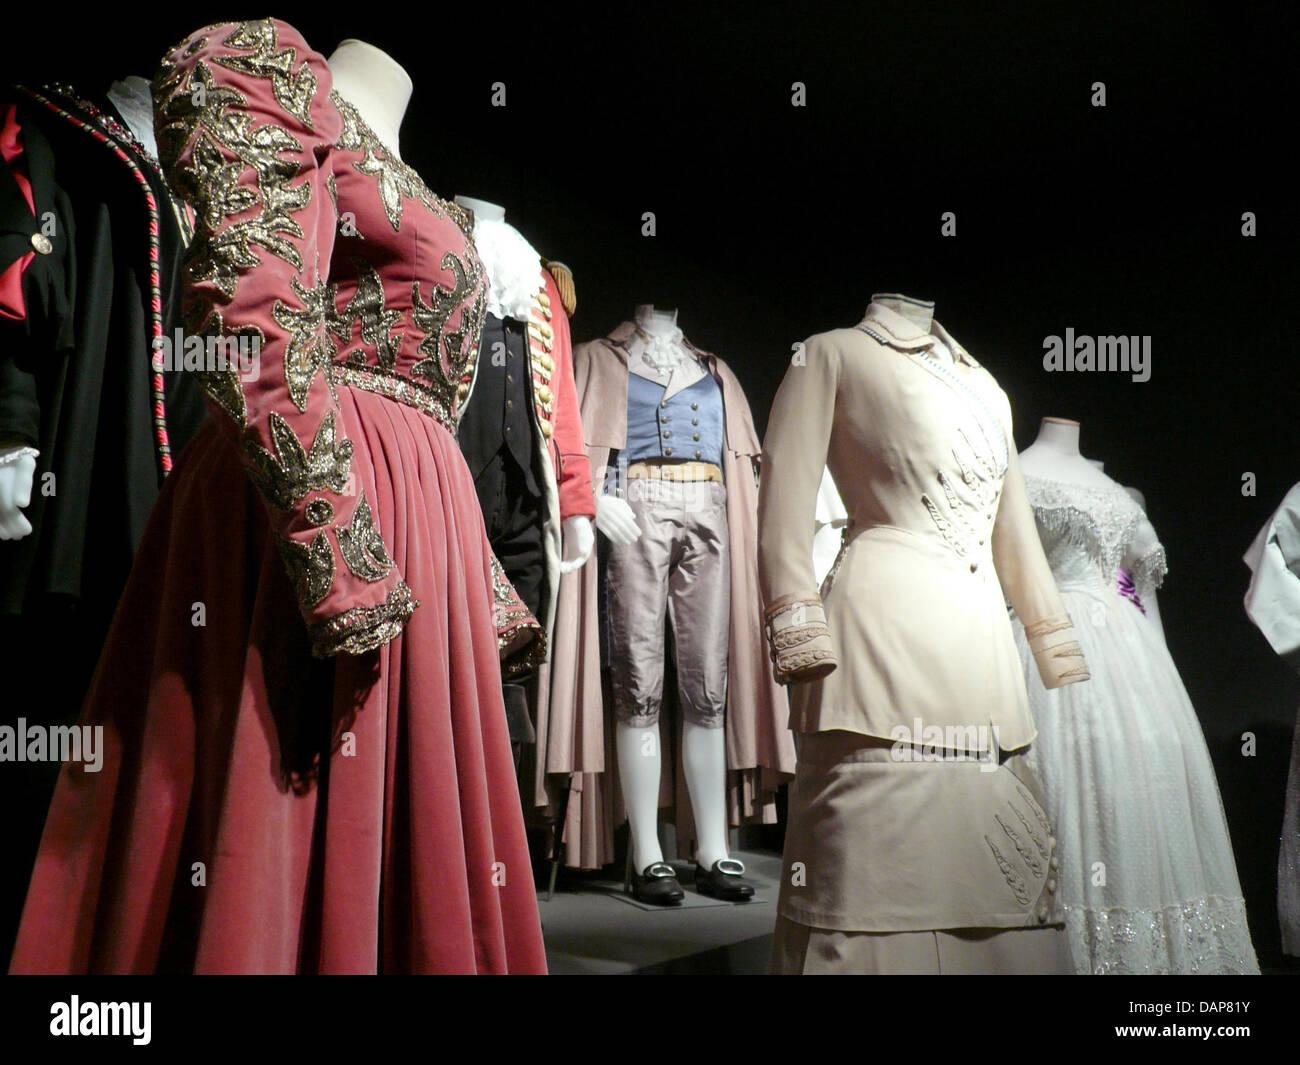 Besucher können originale Trachten bewundern, die von Stars wie Audrey Hepburn und Anita Ekberg getragen wurden, Stockbild